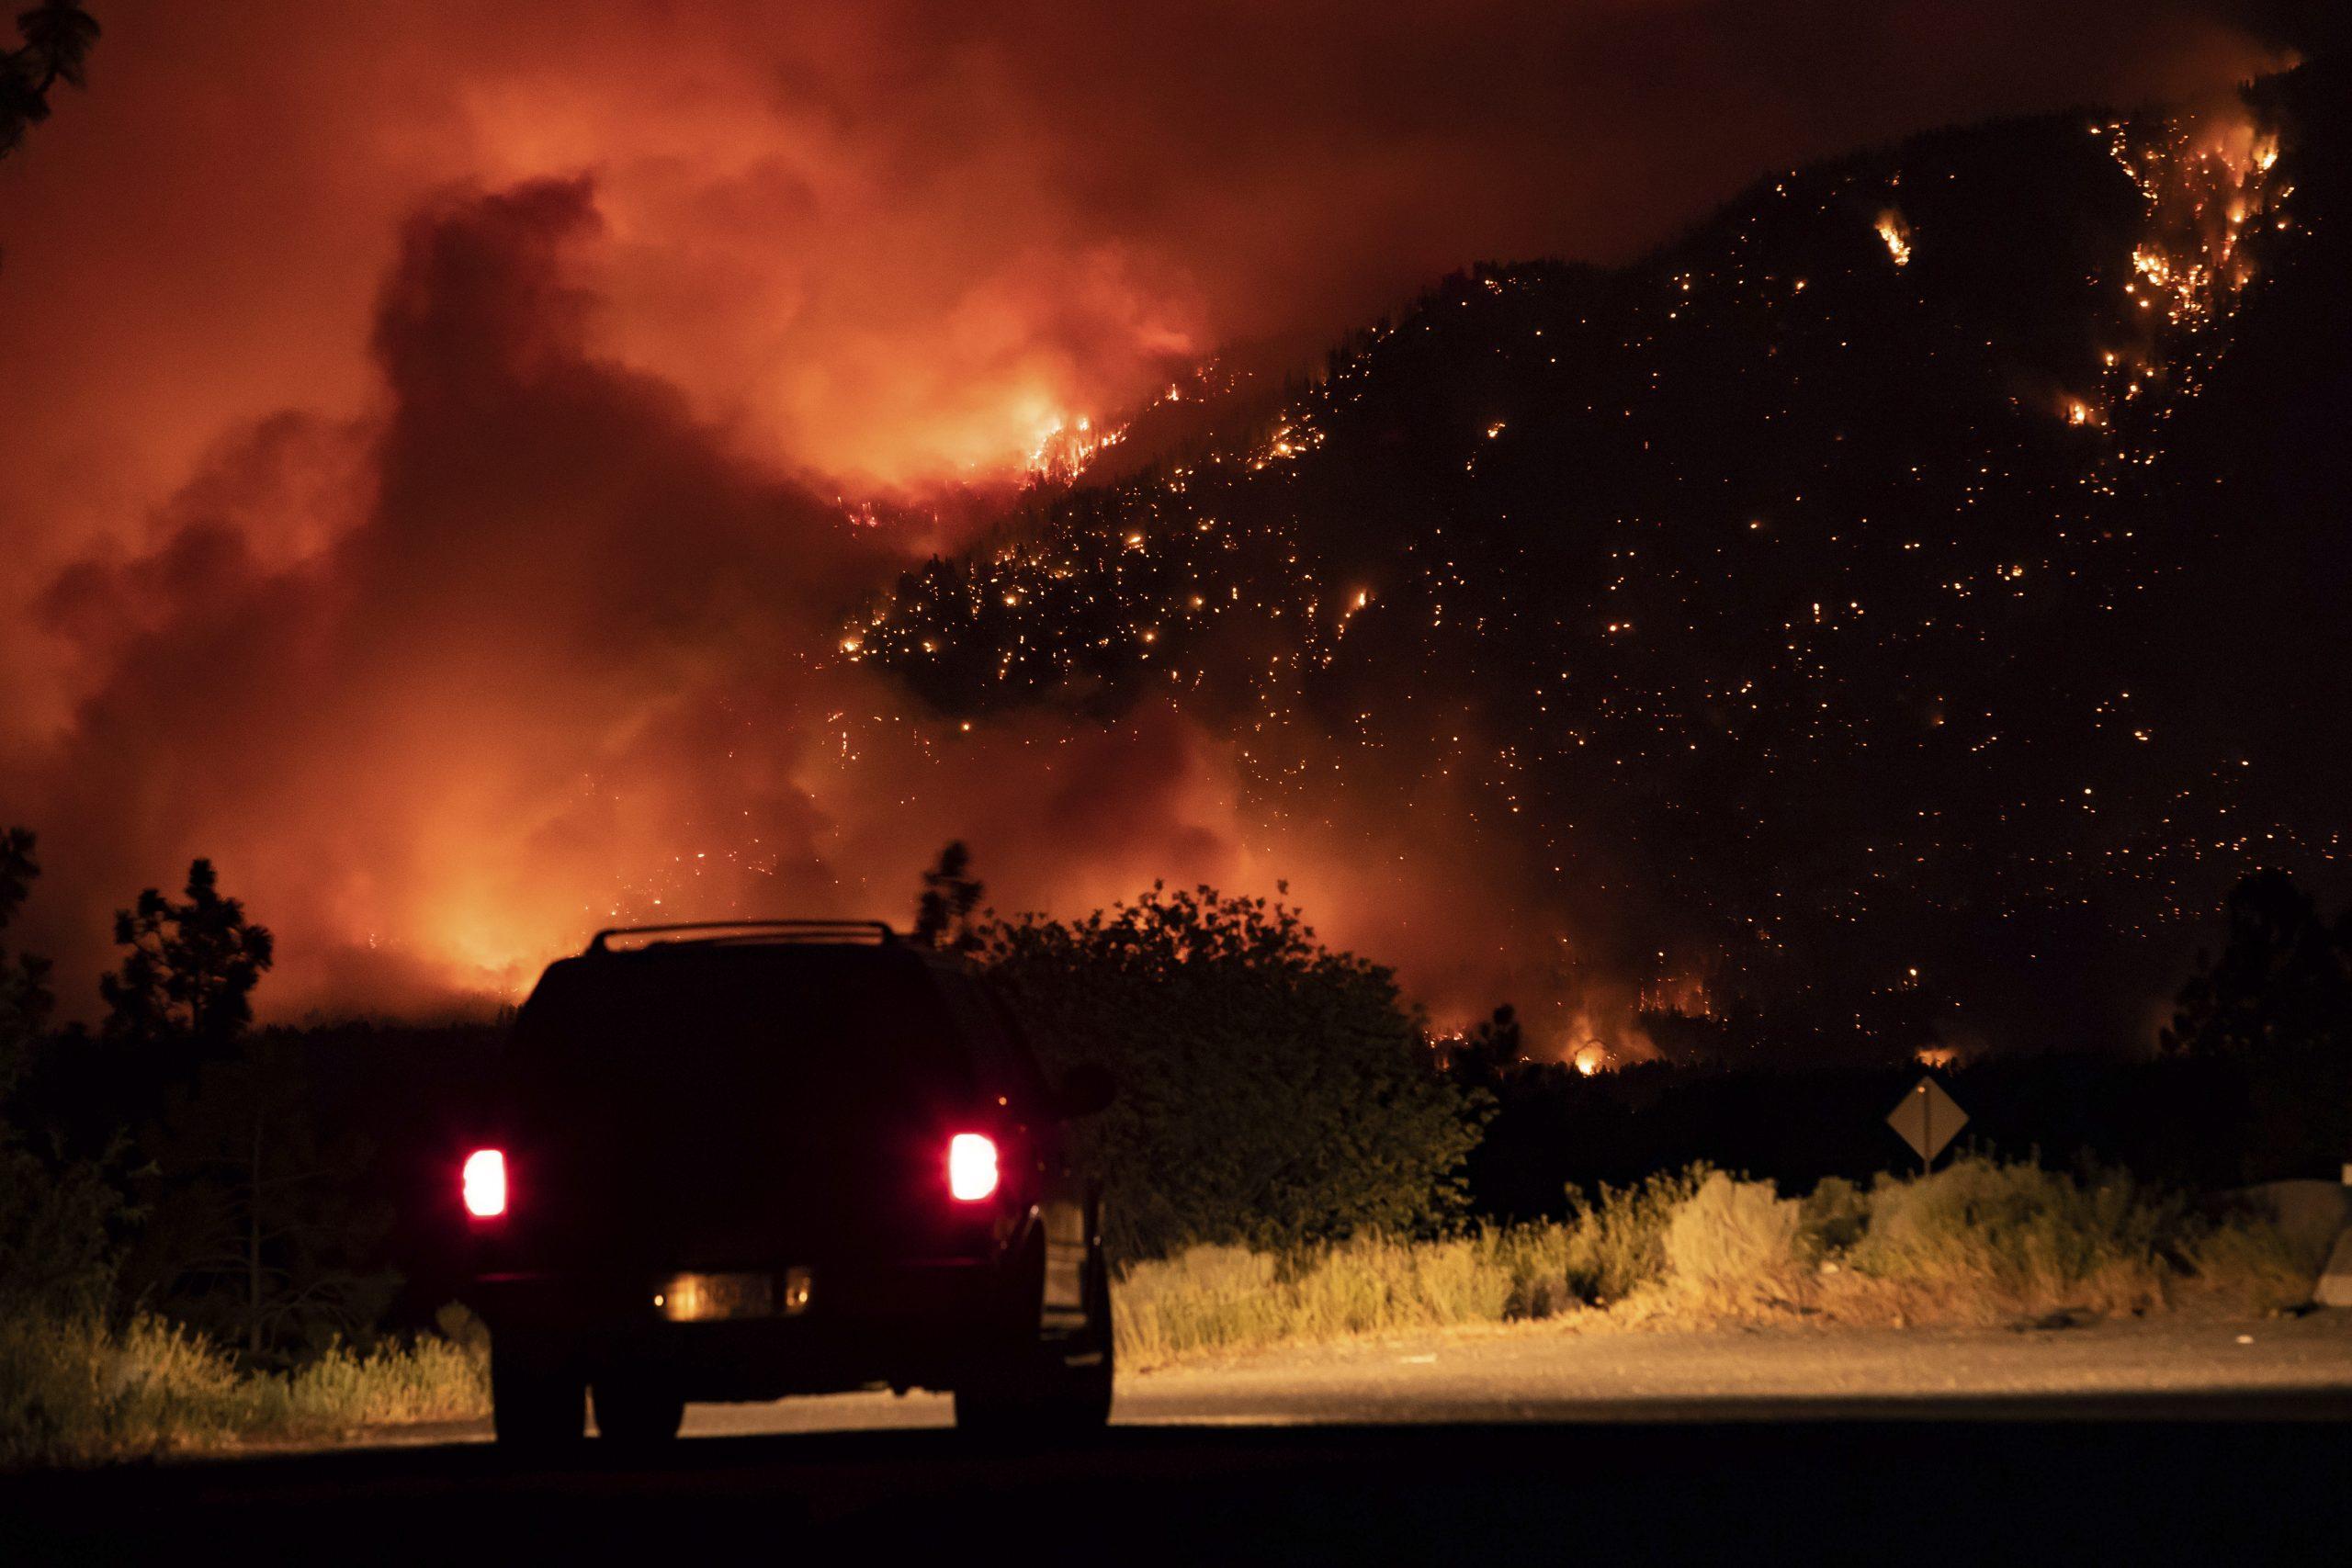 米国北西部の記録破りの熱波は気候変動が原因、研究者らが結論